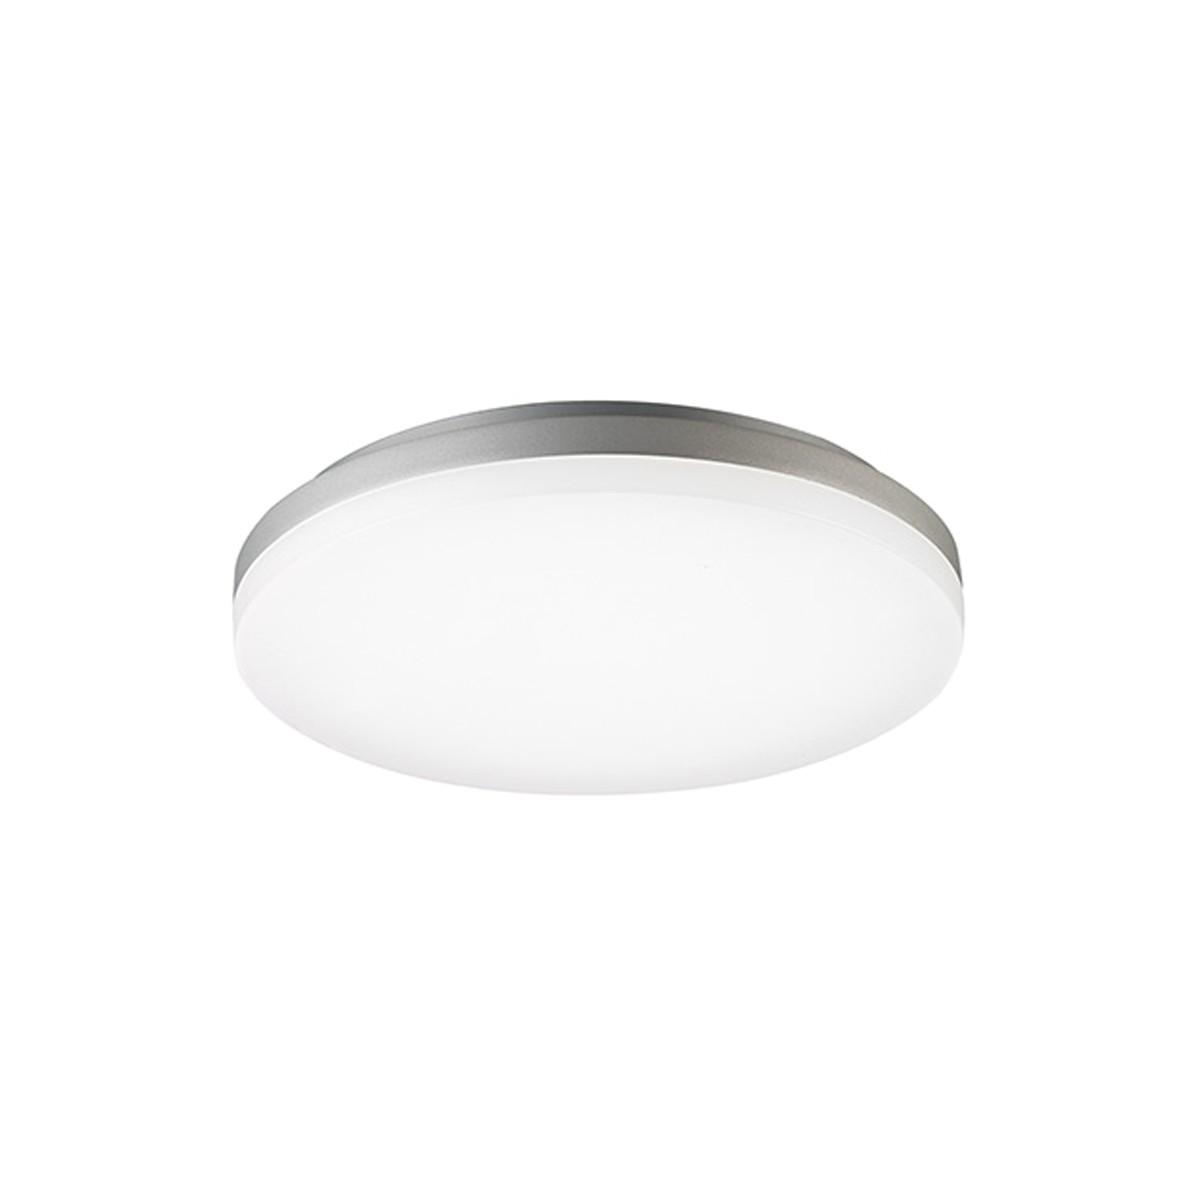 Sigor Circel LED Deckenleuchte, Ø: 27 cm, 3000 K, Silber